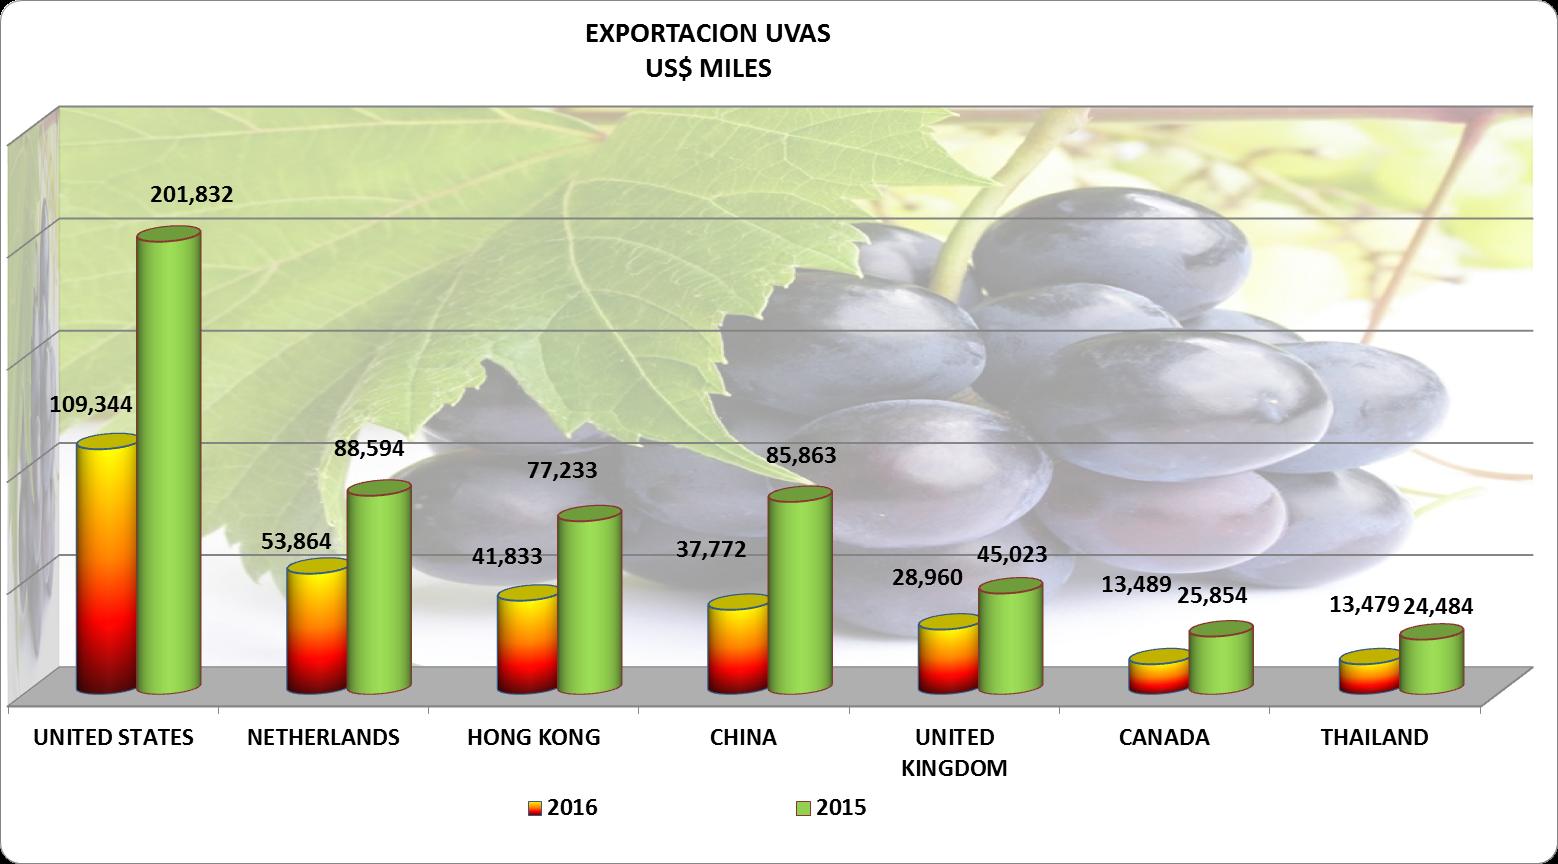 Uvas Perú Exportación 2016 Noviembre